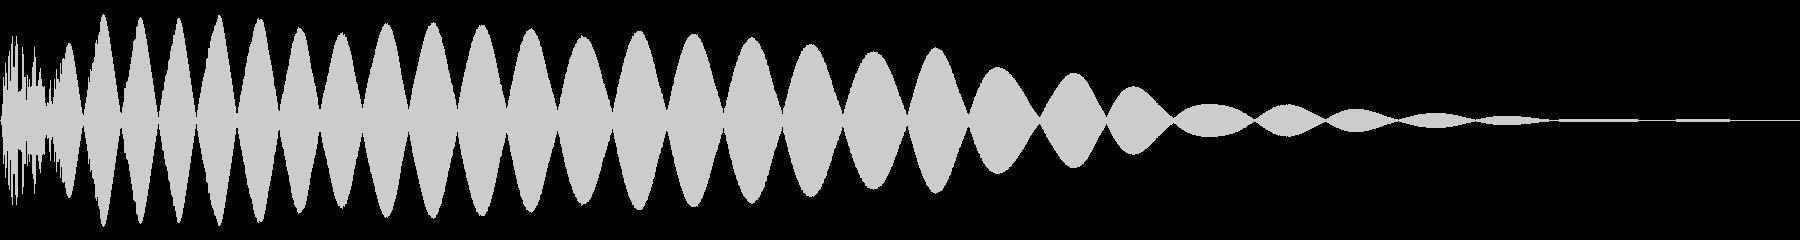 EDMやIDM系のバスドラム!05bの未再生の波形